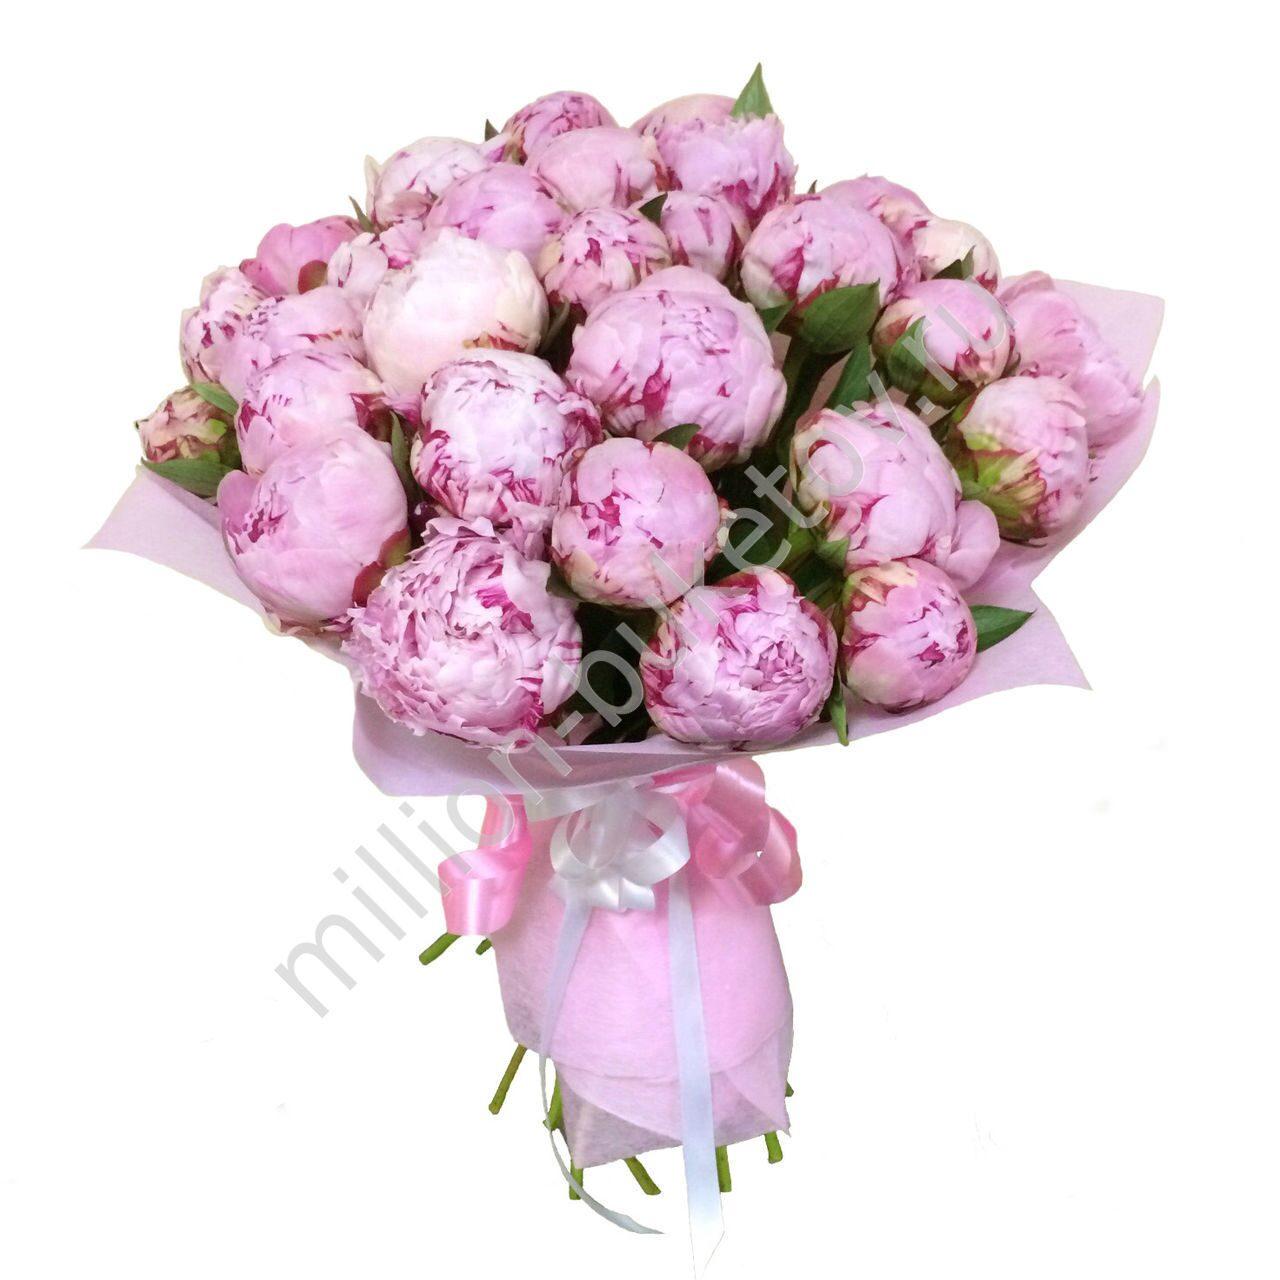 Mf доставка цветов доставка цветов в сыктывкаре недорого